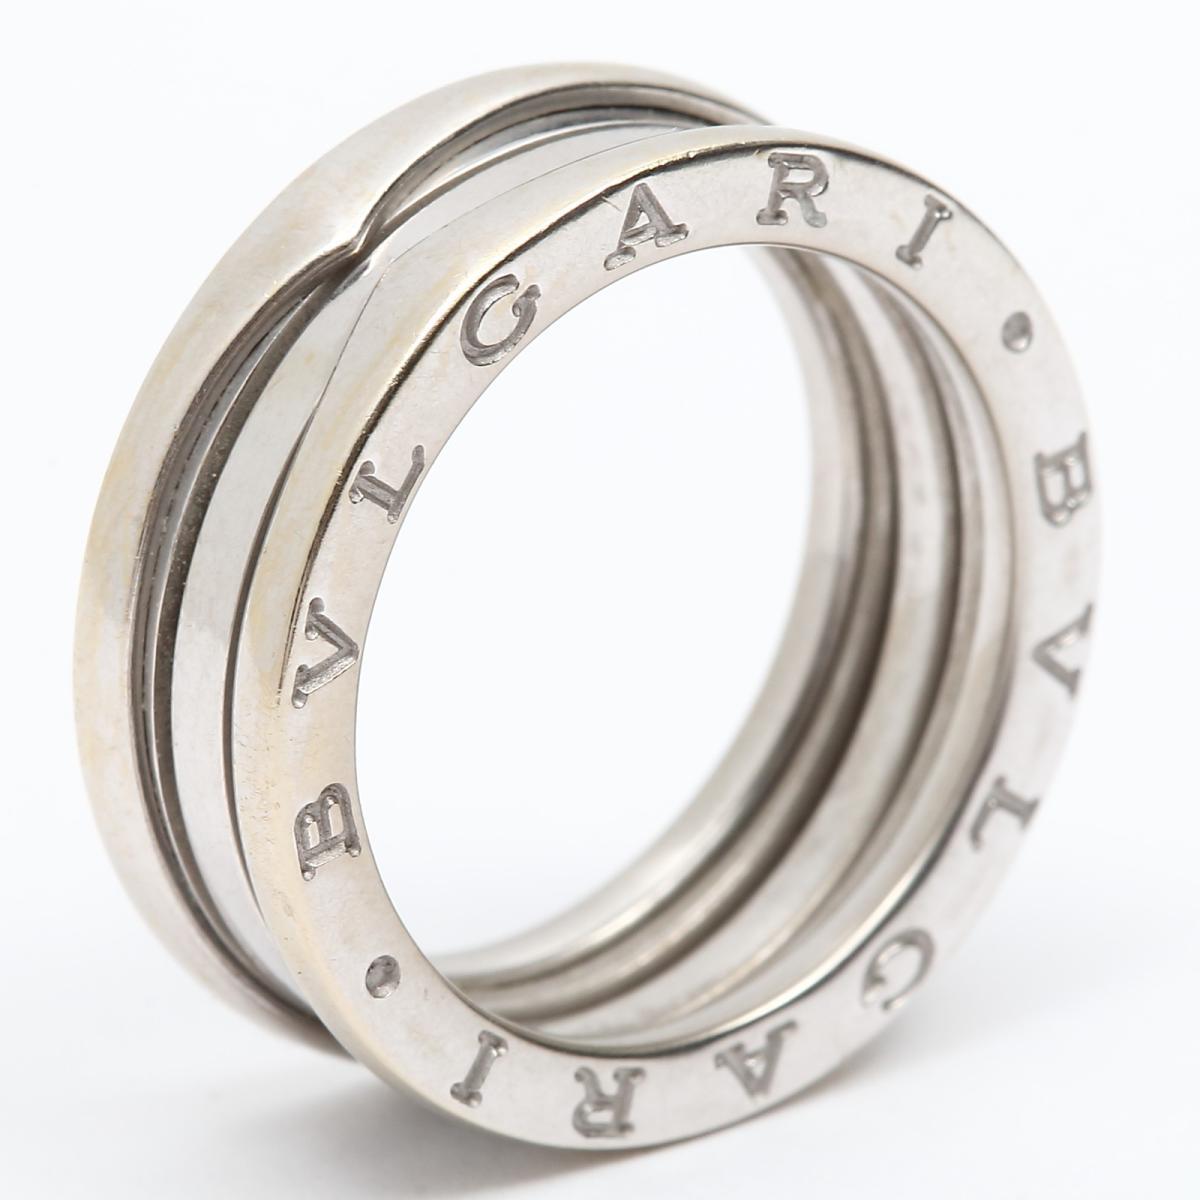 26767449f04e 楽天市場】【中古】 ブルガリ B-zero1 リング Sサイズ ビーゼロワン 指輪 ...